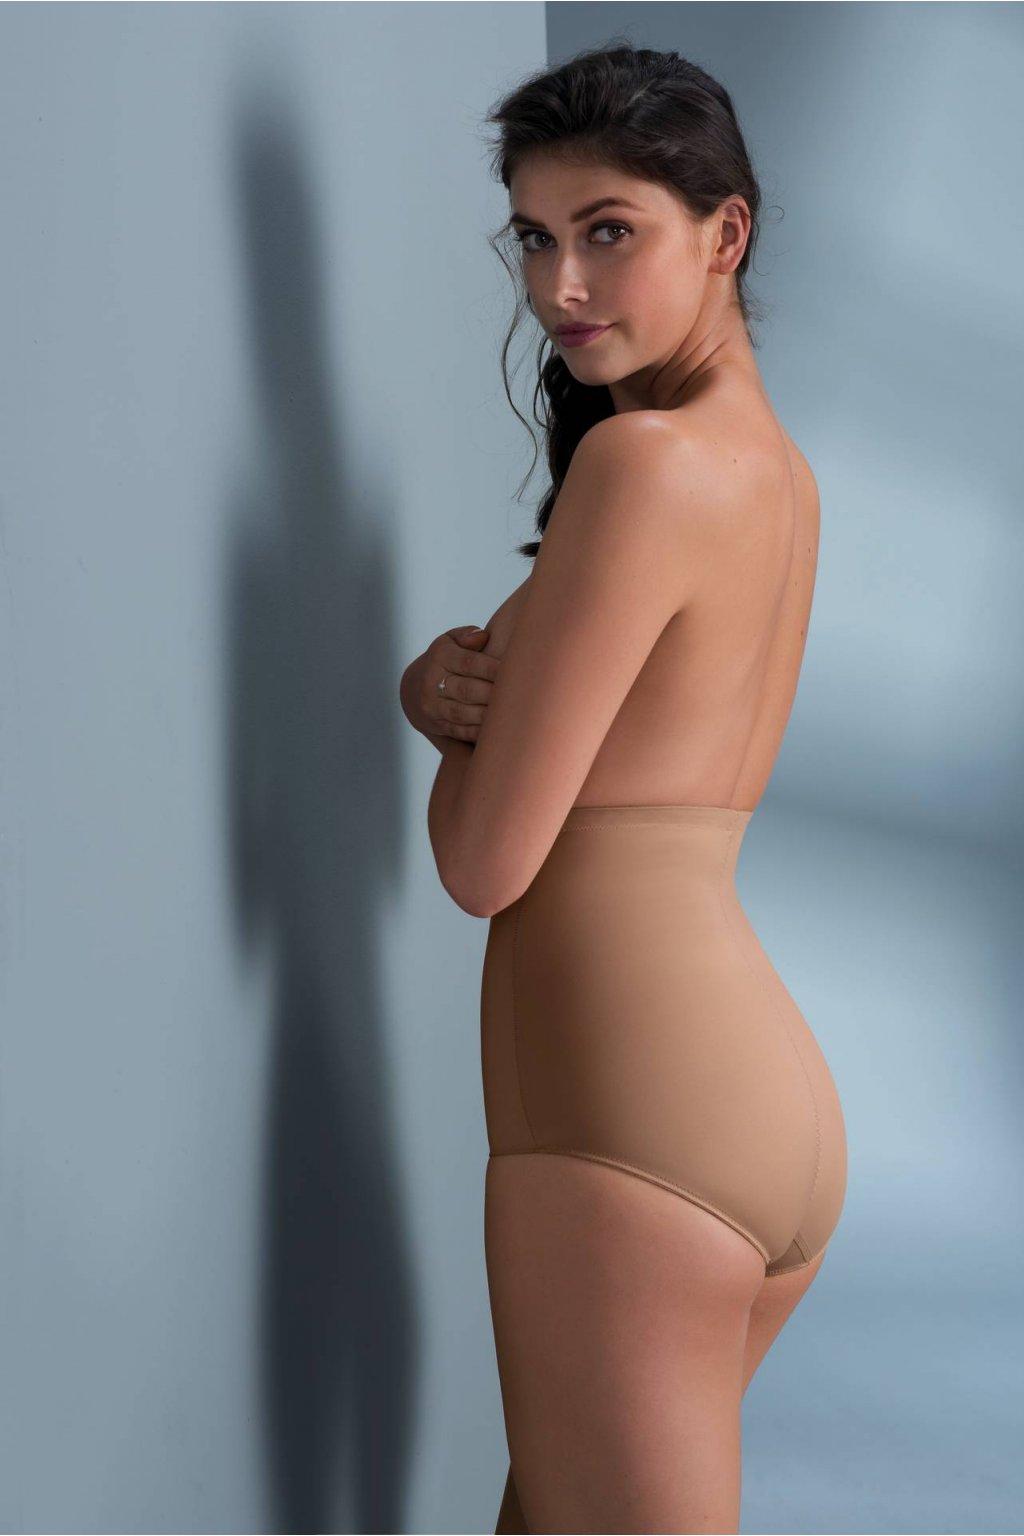 Stahovací kalhotky Twin shaper short tělové - Anita